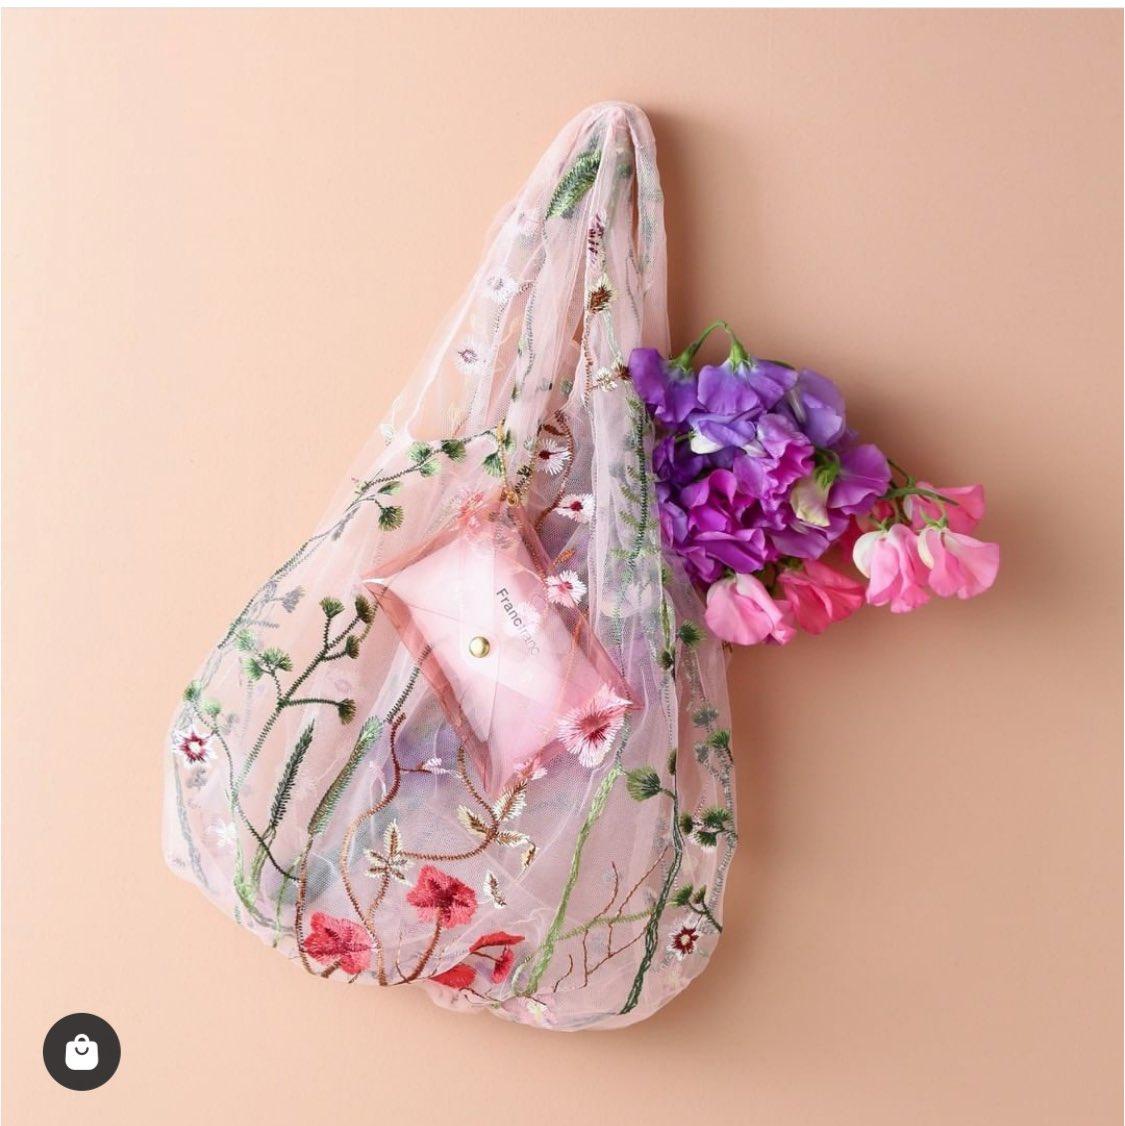 Francfranc(フランフラン)のチュール素材の刺繍バッグ、ちょっとええ加減にしてくれよってぐらい可愛い